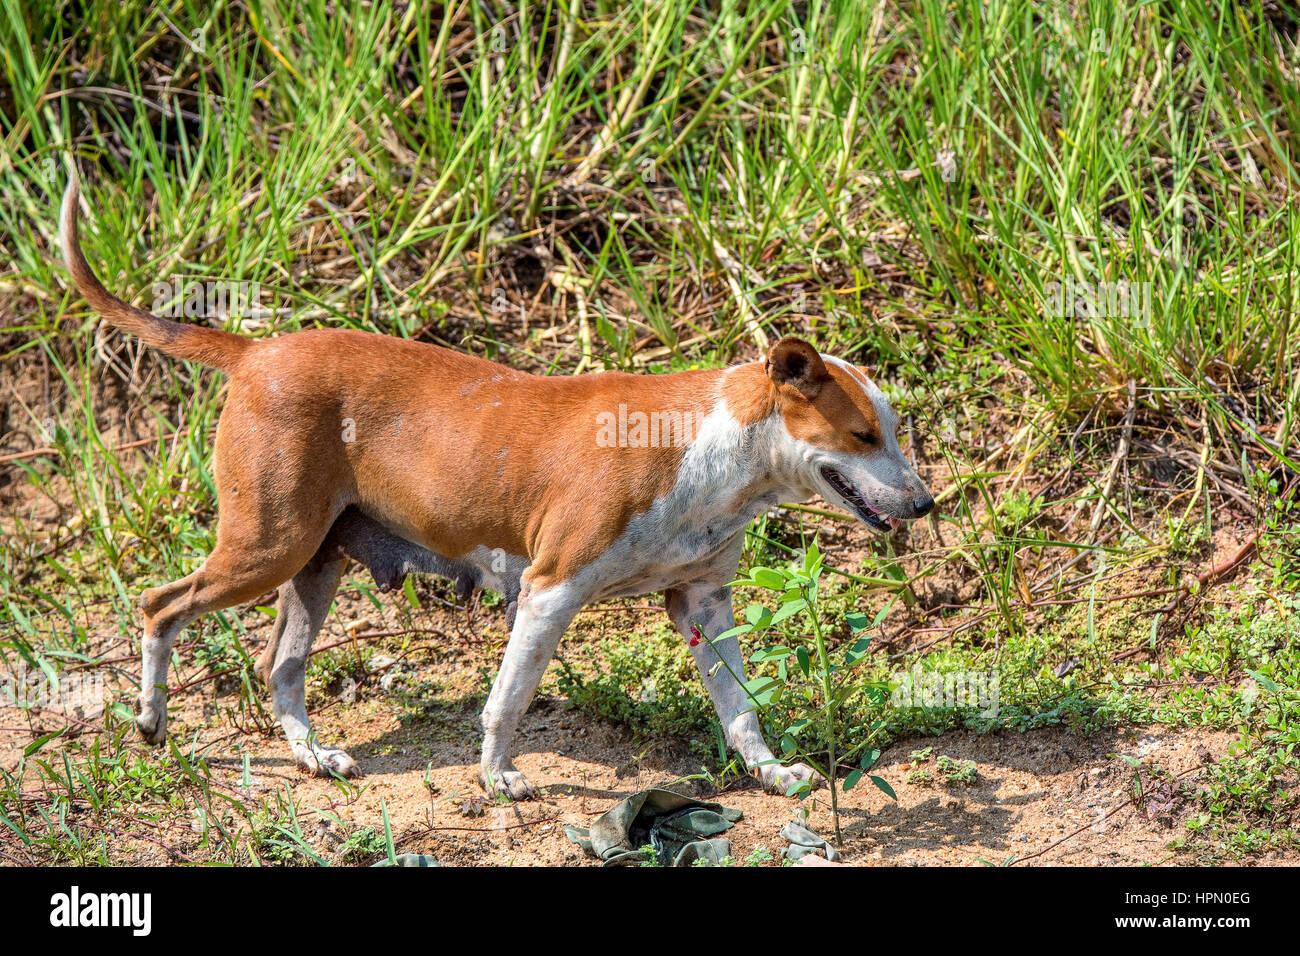 Streunender Hund läuft auf Laub Hintergrund Stockfoto